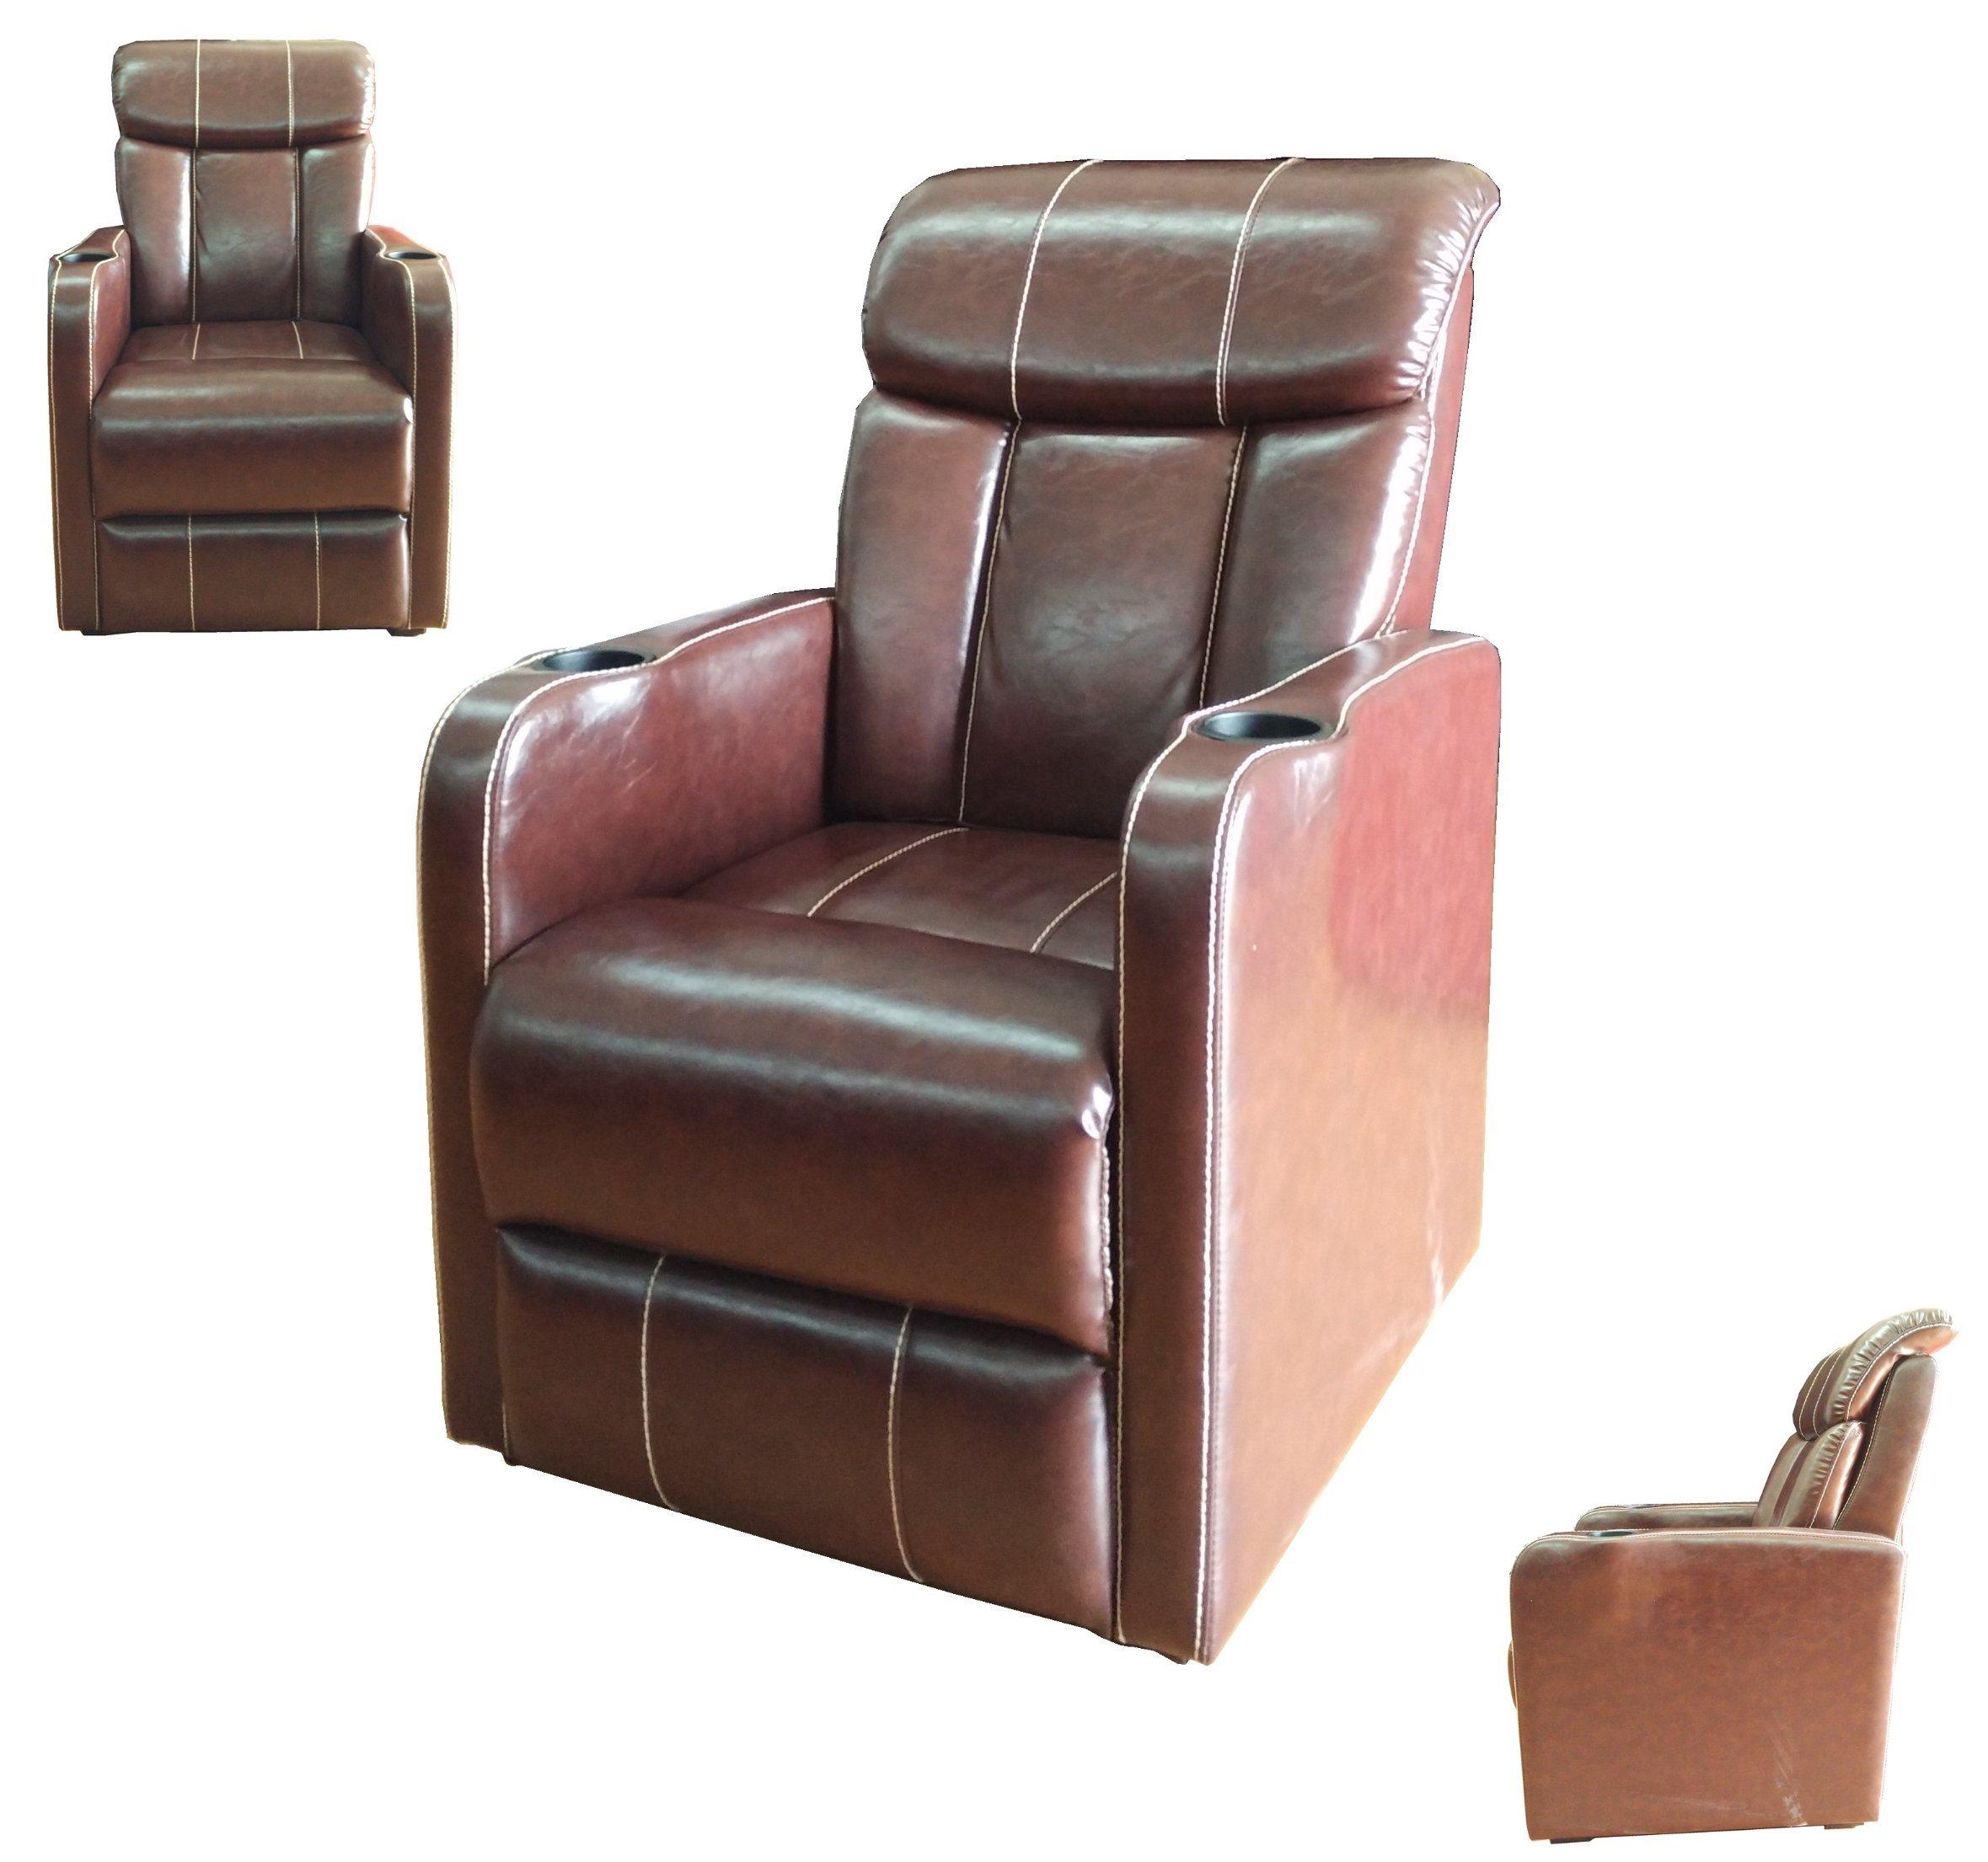 China Cinema Seat Movie Theater Sofa VIP Imax Chair VIM 2